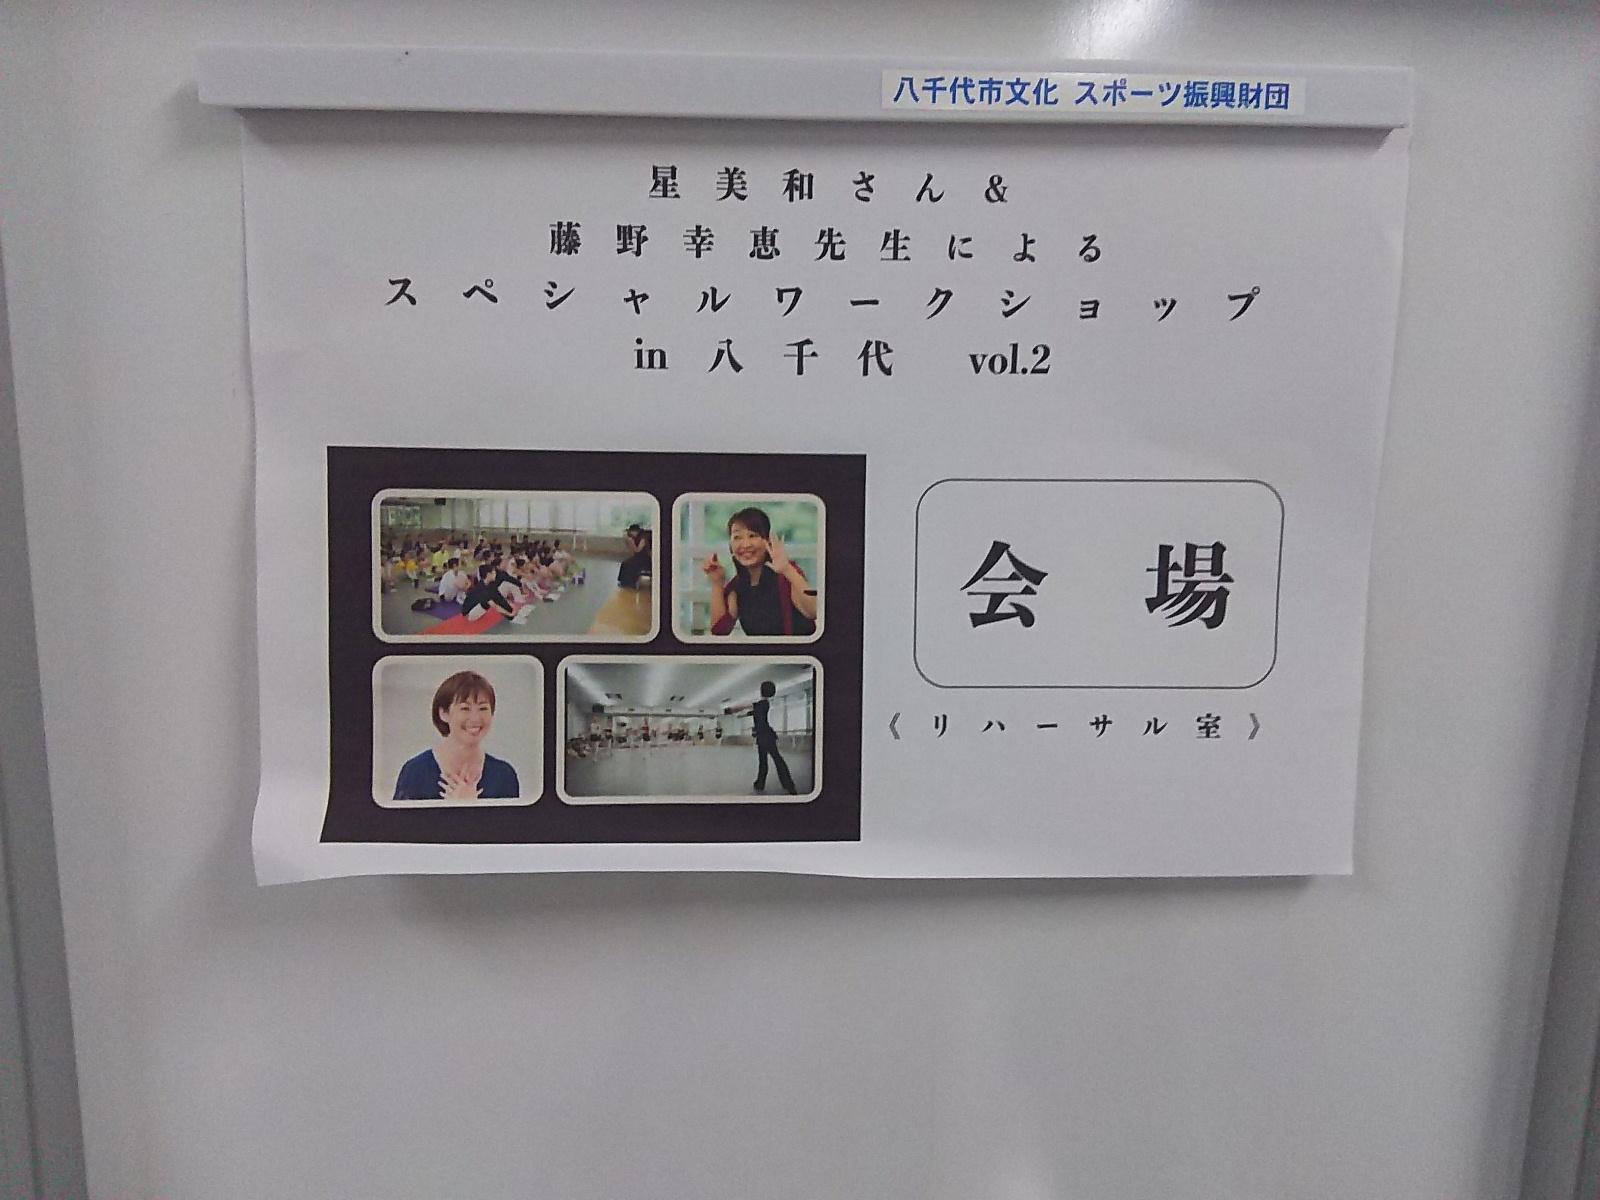 千葉県での音楽講座